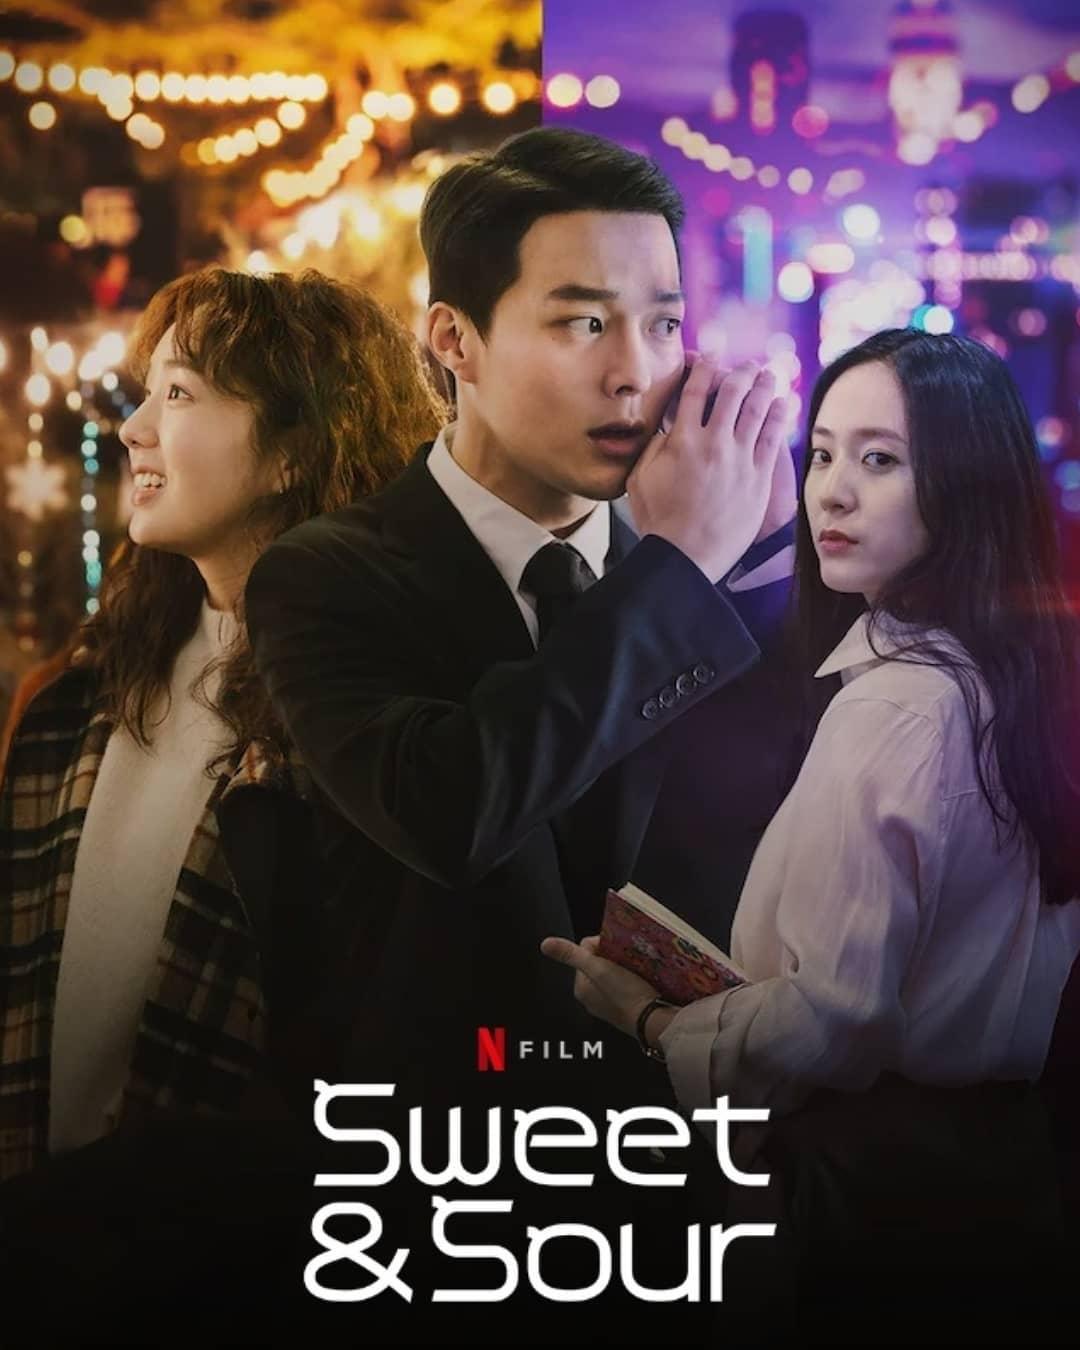 เว็บดูหนังฟรี 4K Sweet & Sour (2021) รักหวานอมเปรี้ยว